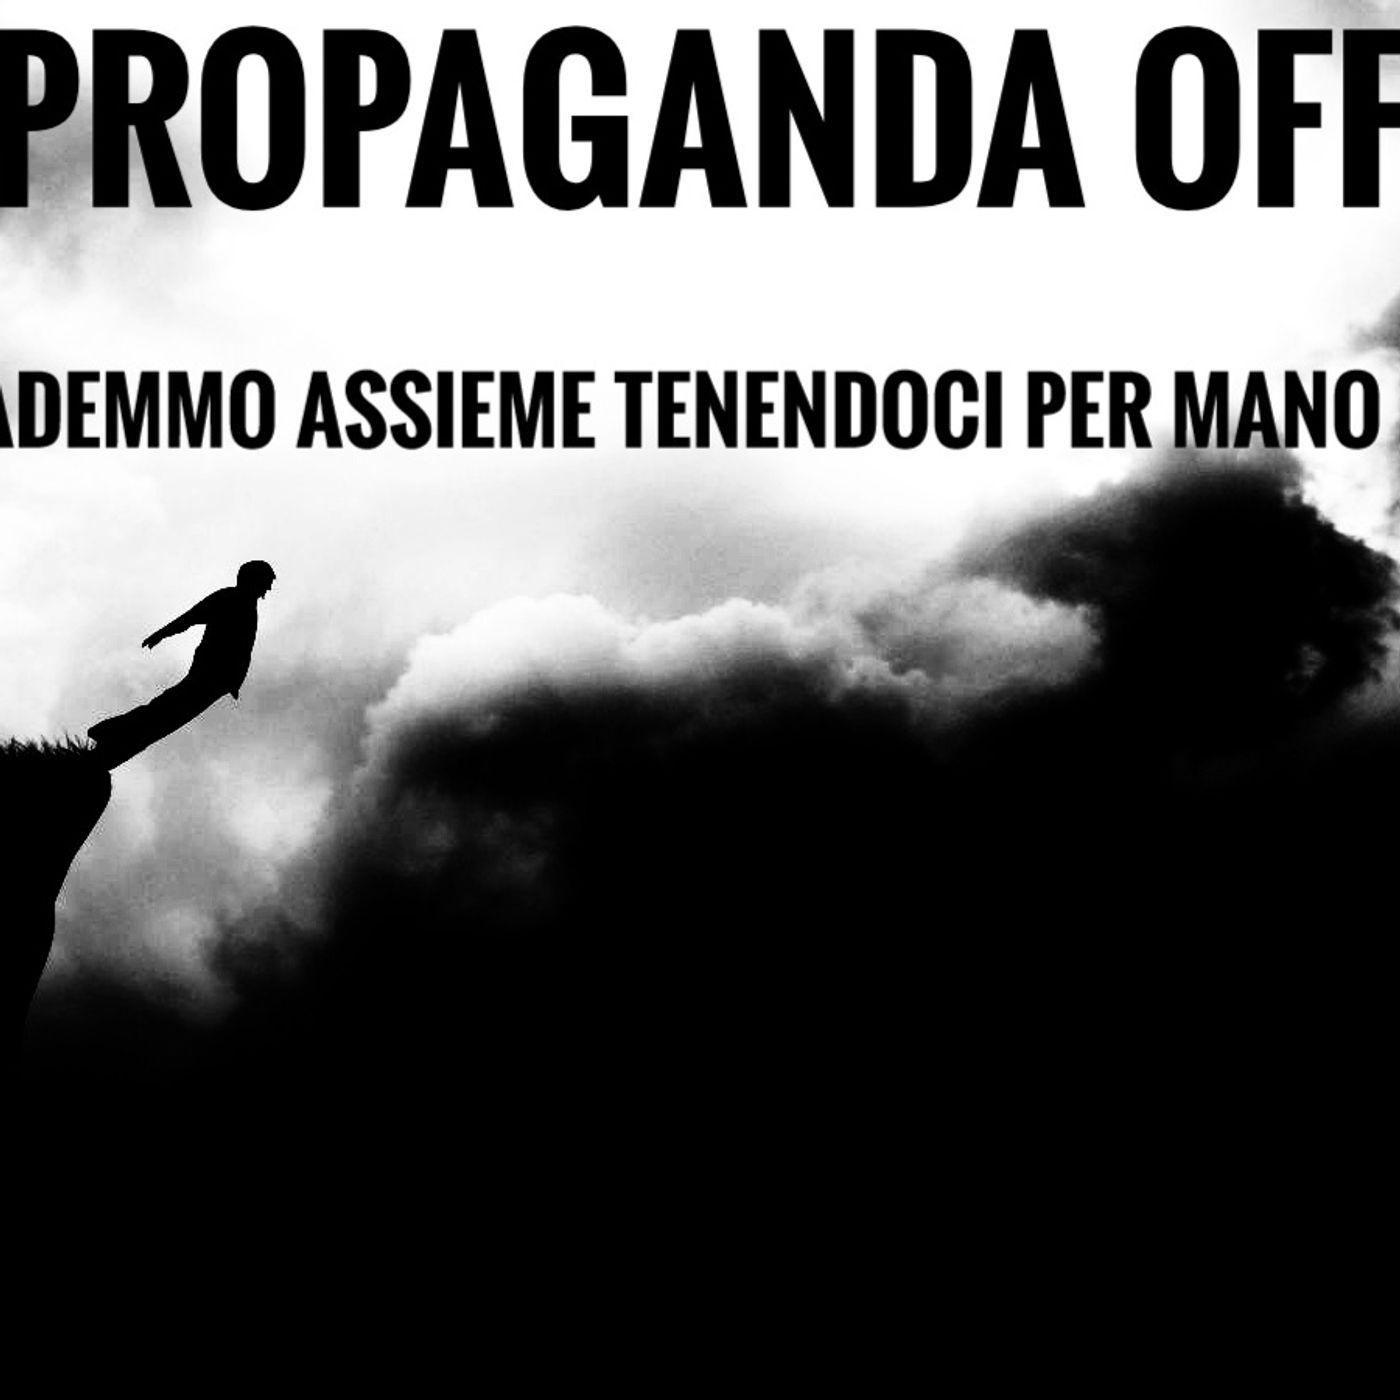 Propaganda Off - Cademmo Insieme Tenendoci per Mano - Propaganda s4e30